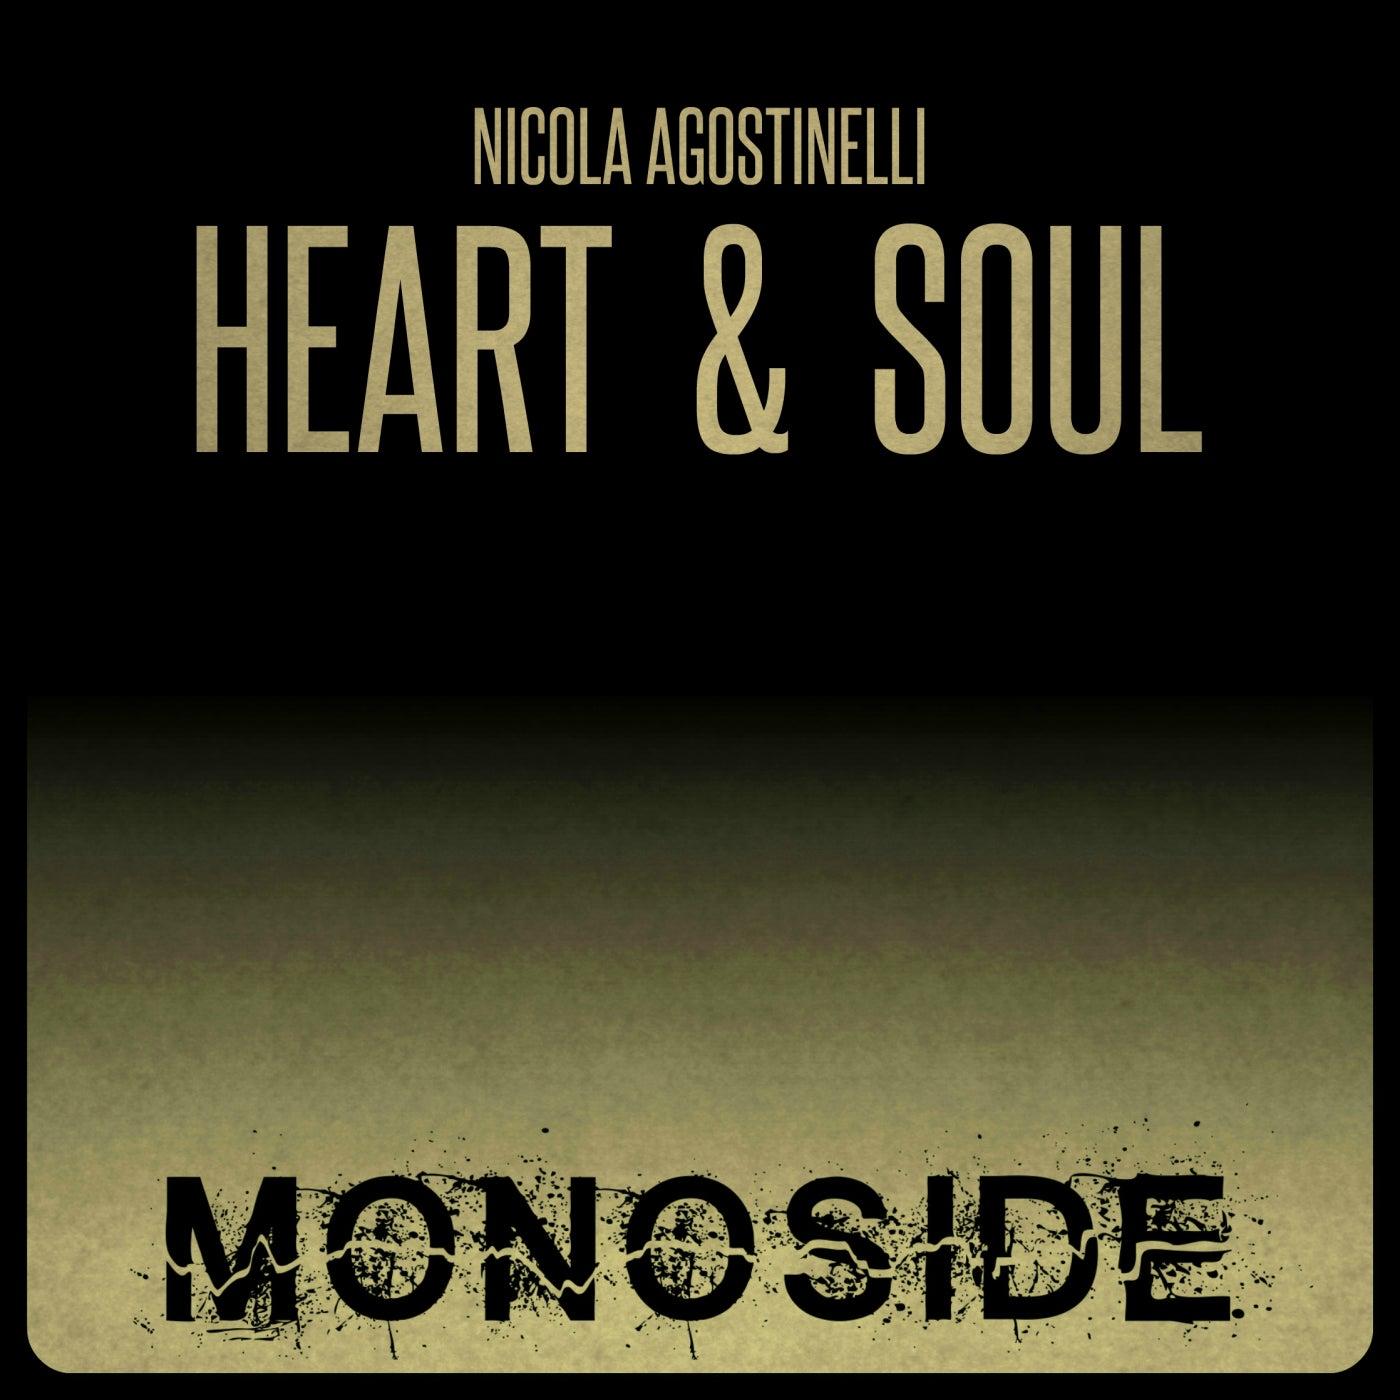 Heart & Soul (Original Mix)